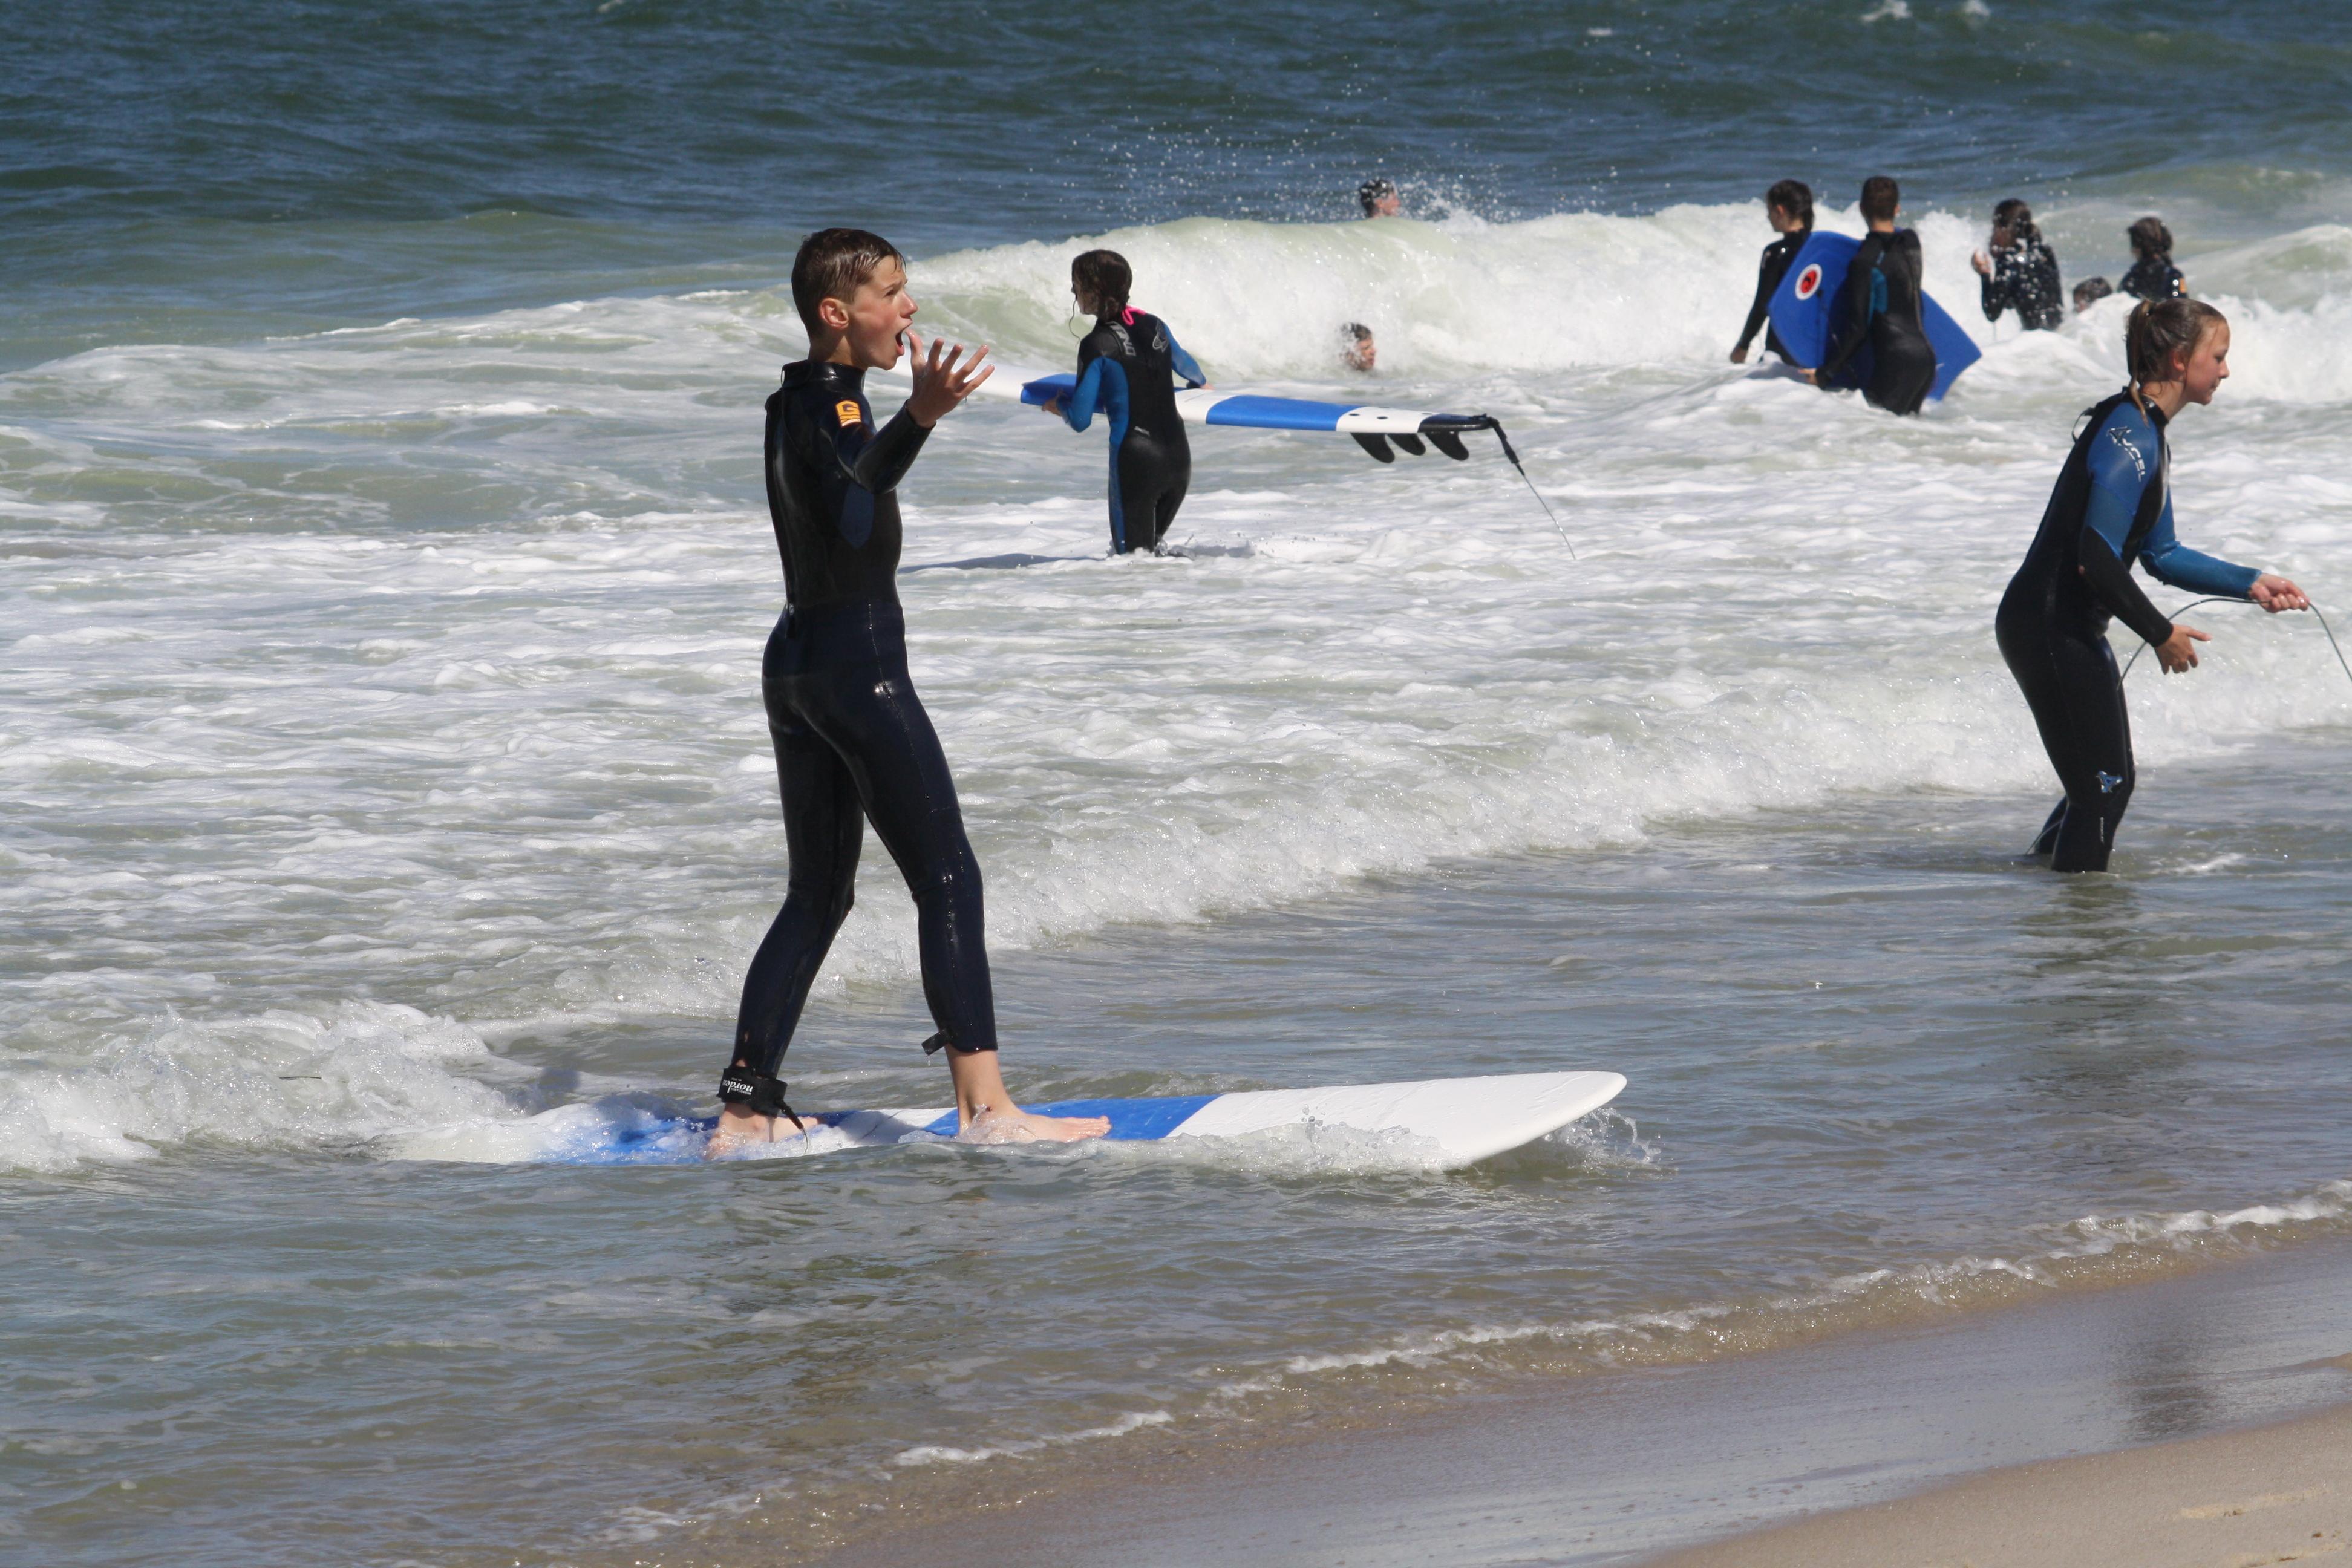 Surfen_lernen_Wellenreiten_sylt